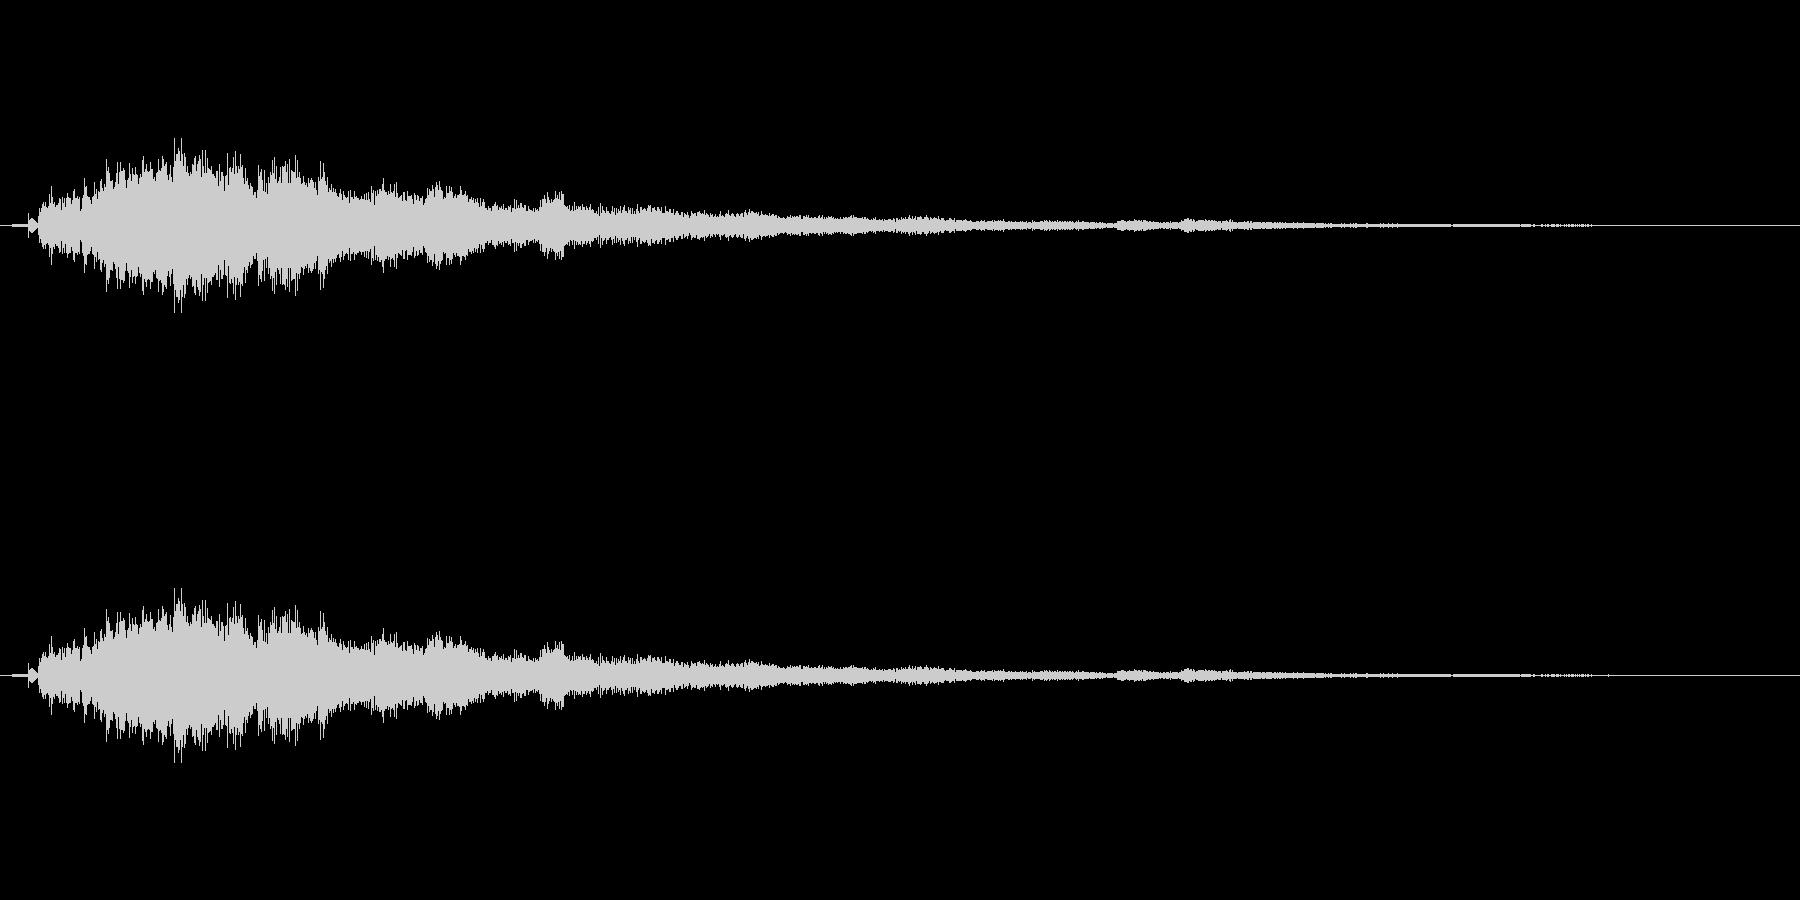 ツリーチャイムによるキラキラ音 下降の未再生の波形